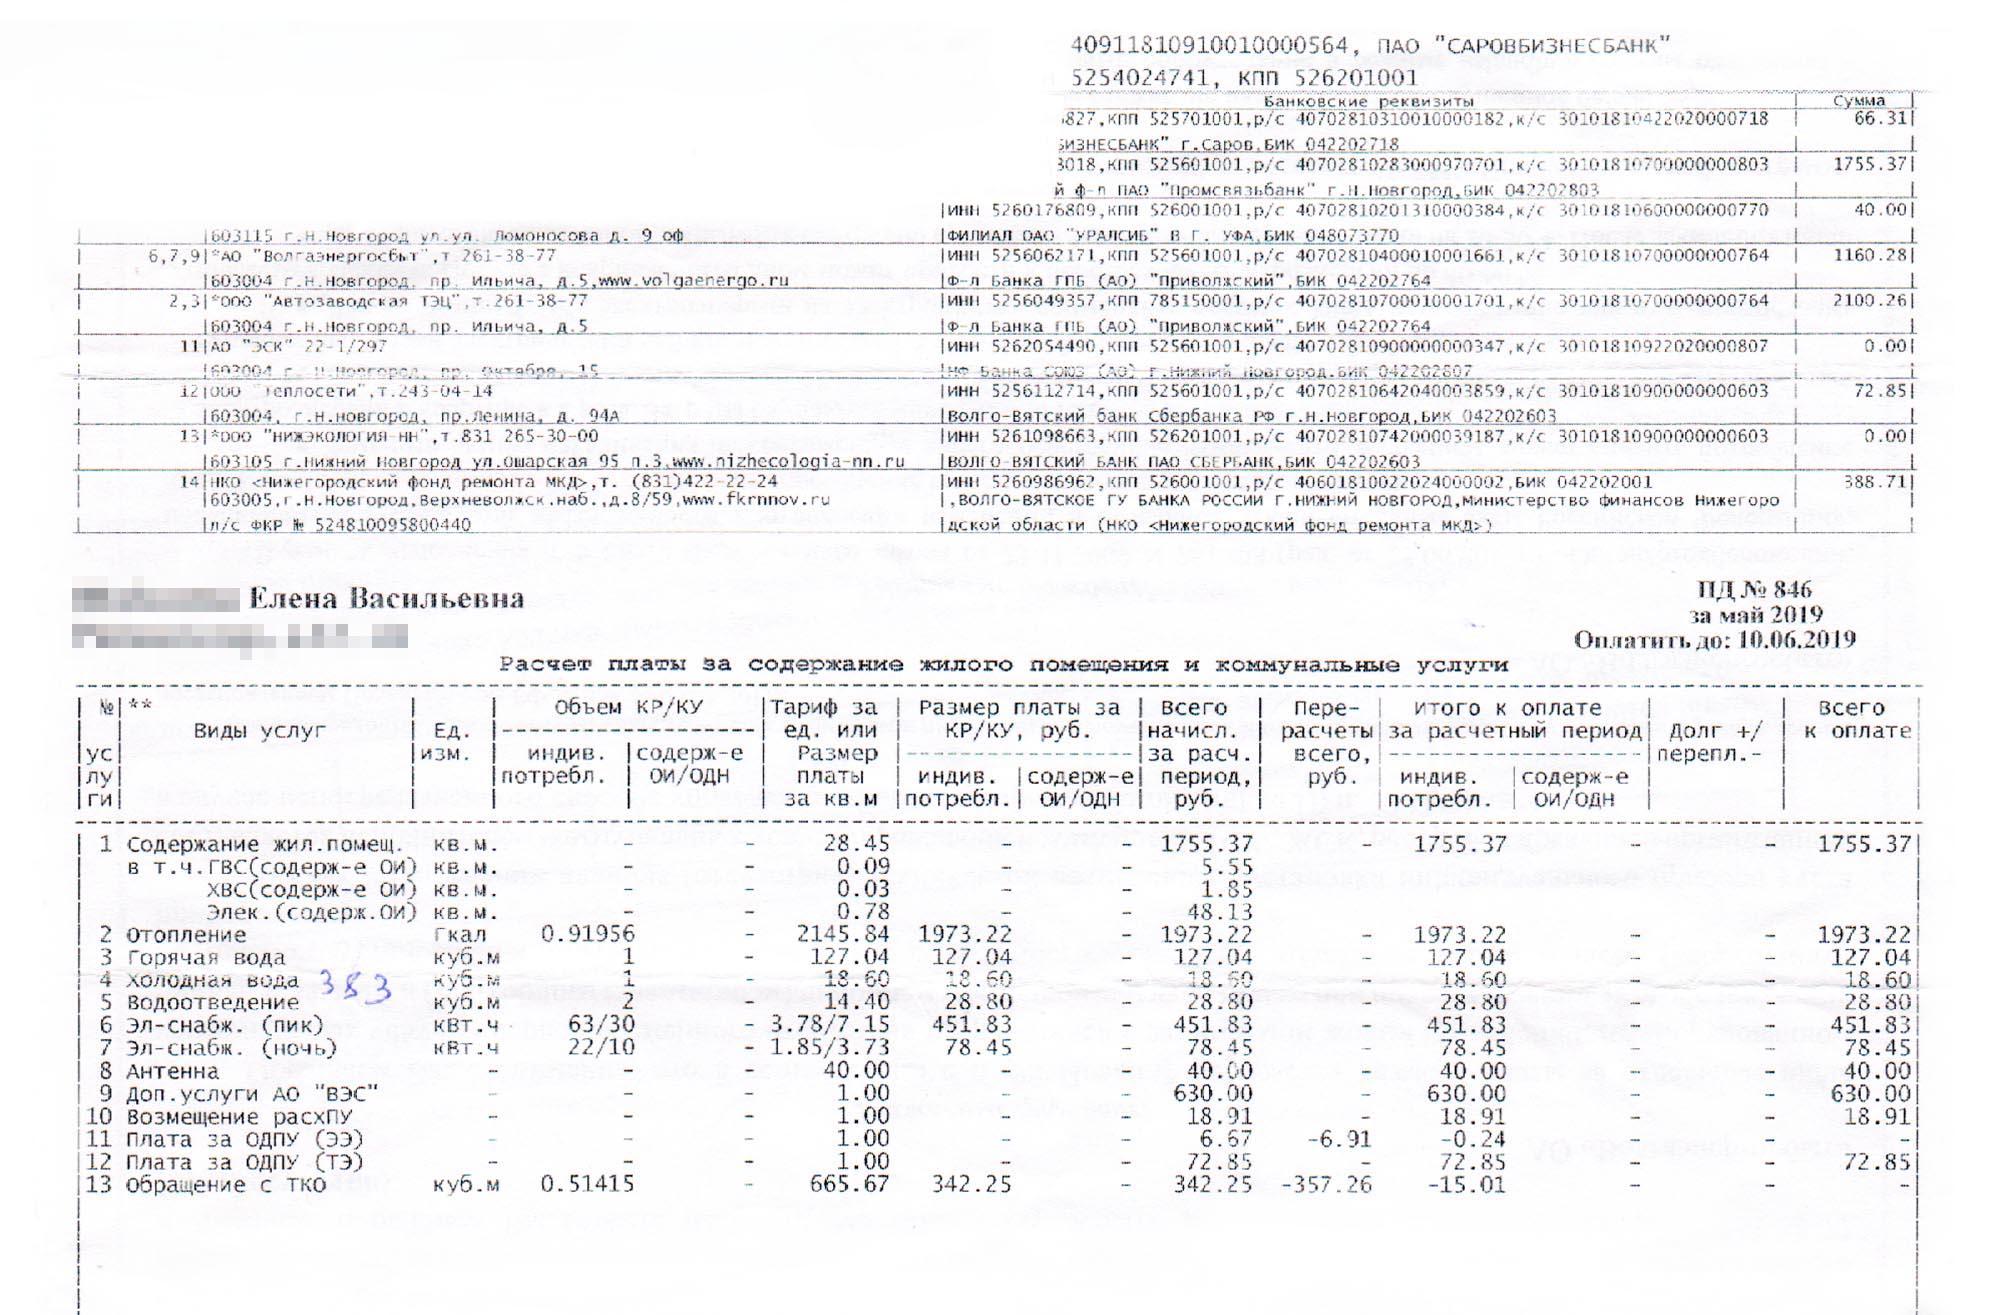 Мне вернули 357<span class=ruble>Р</span>, но по моим расчетам должно было быть больше на 13<span class=ruble>Р</span>